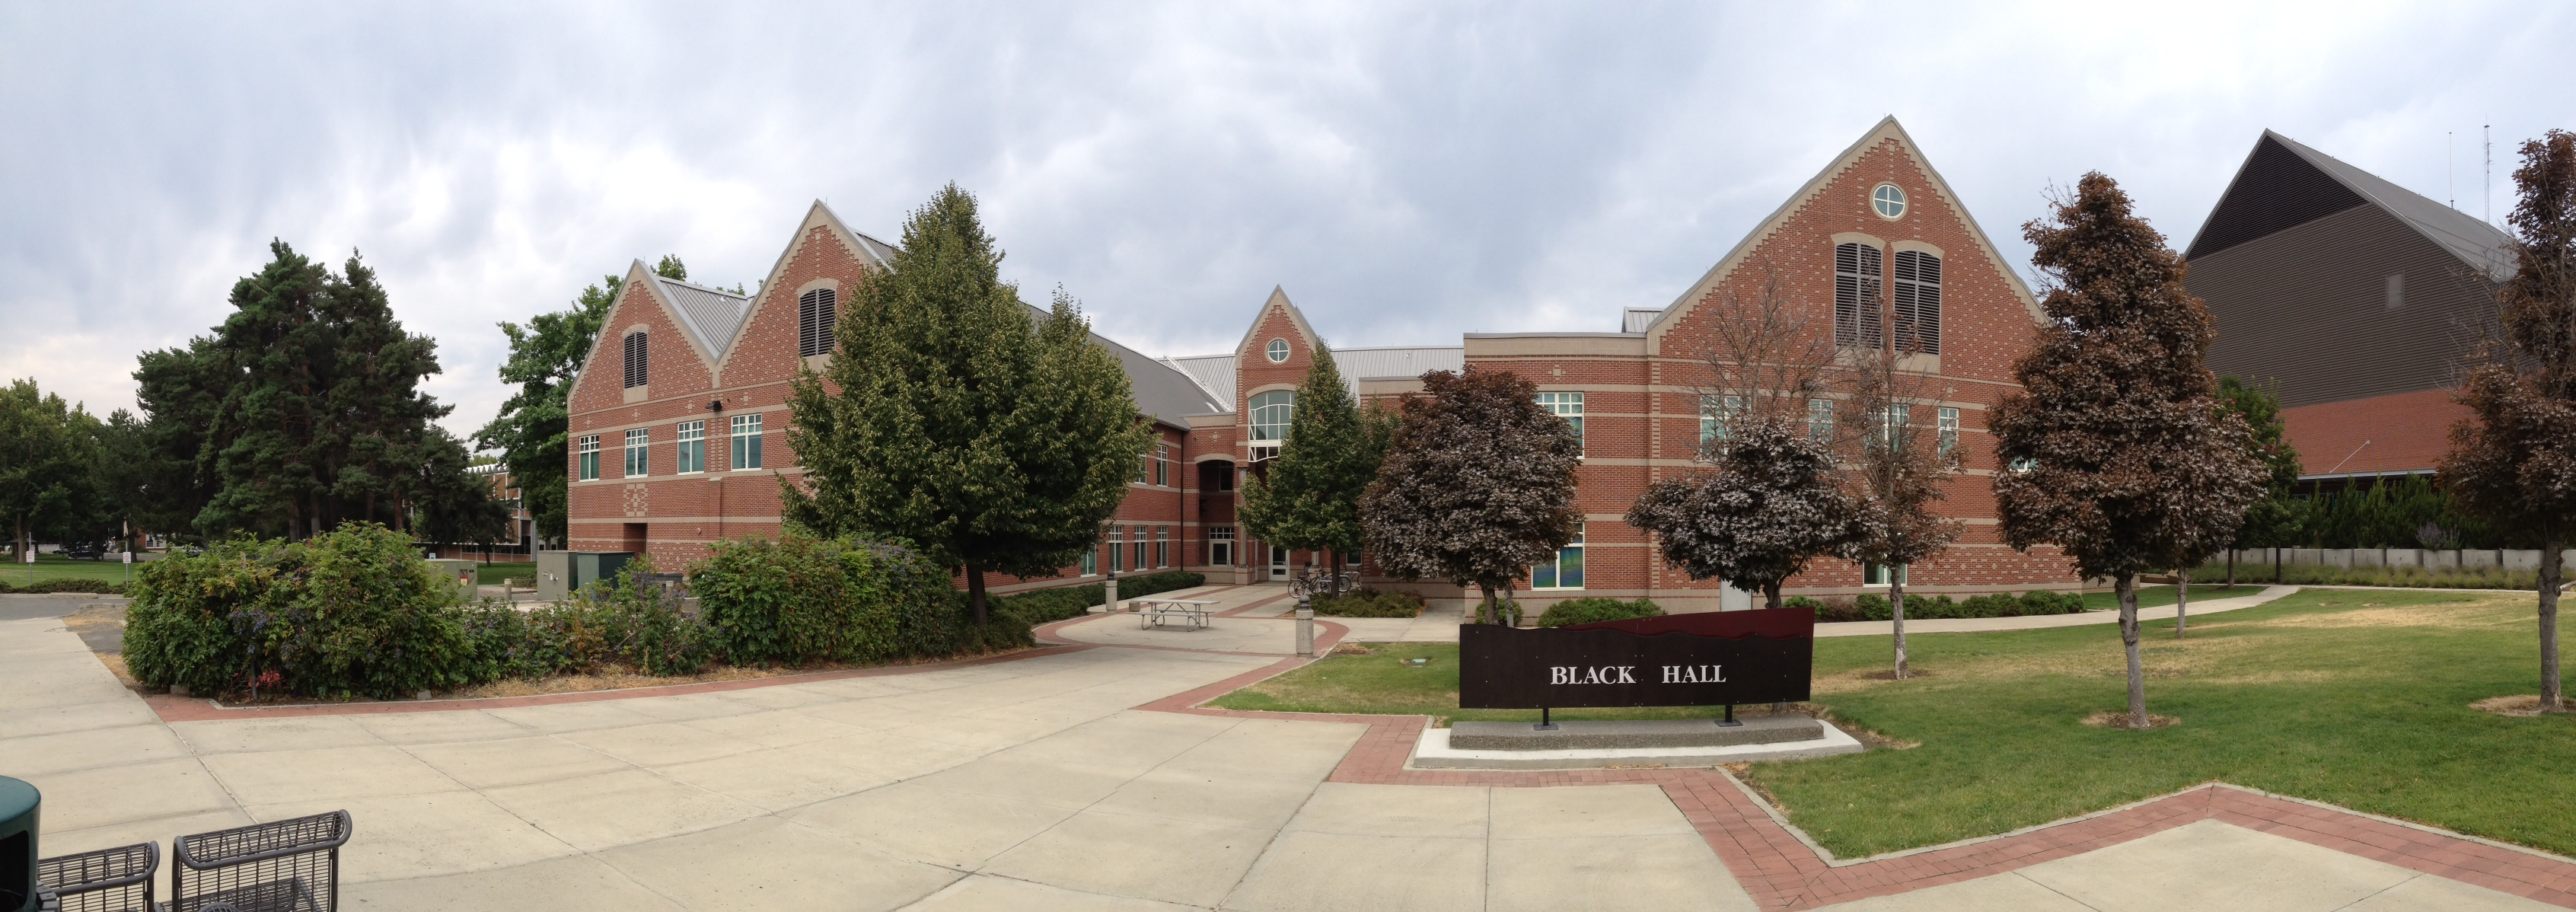 Black Hall Panorama